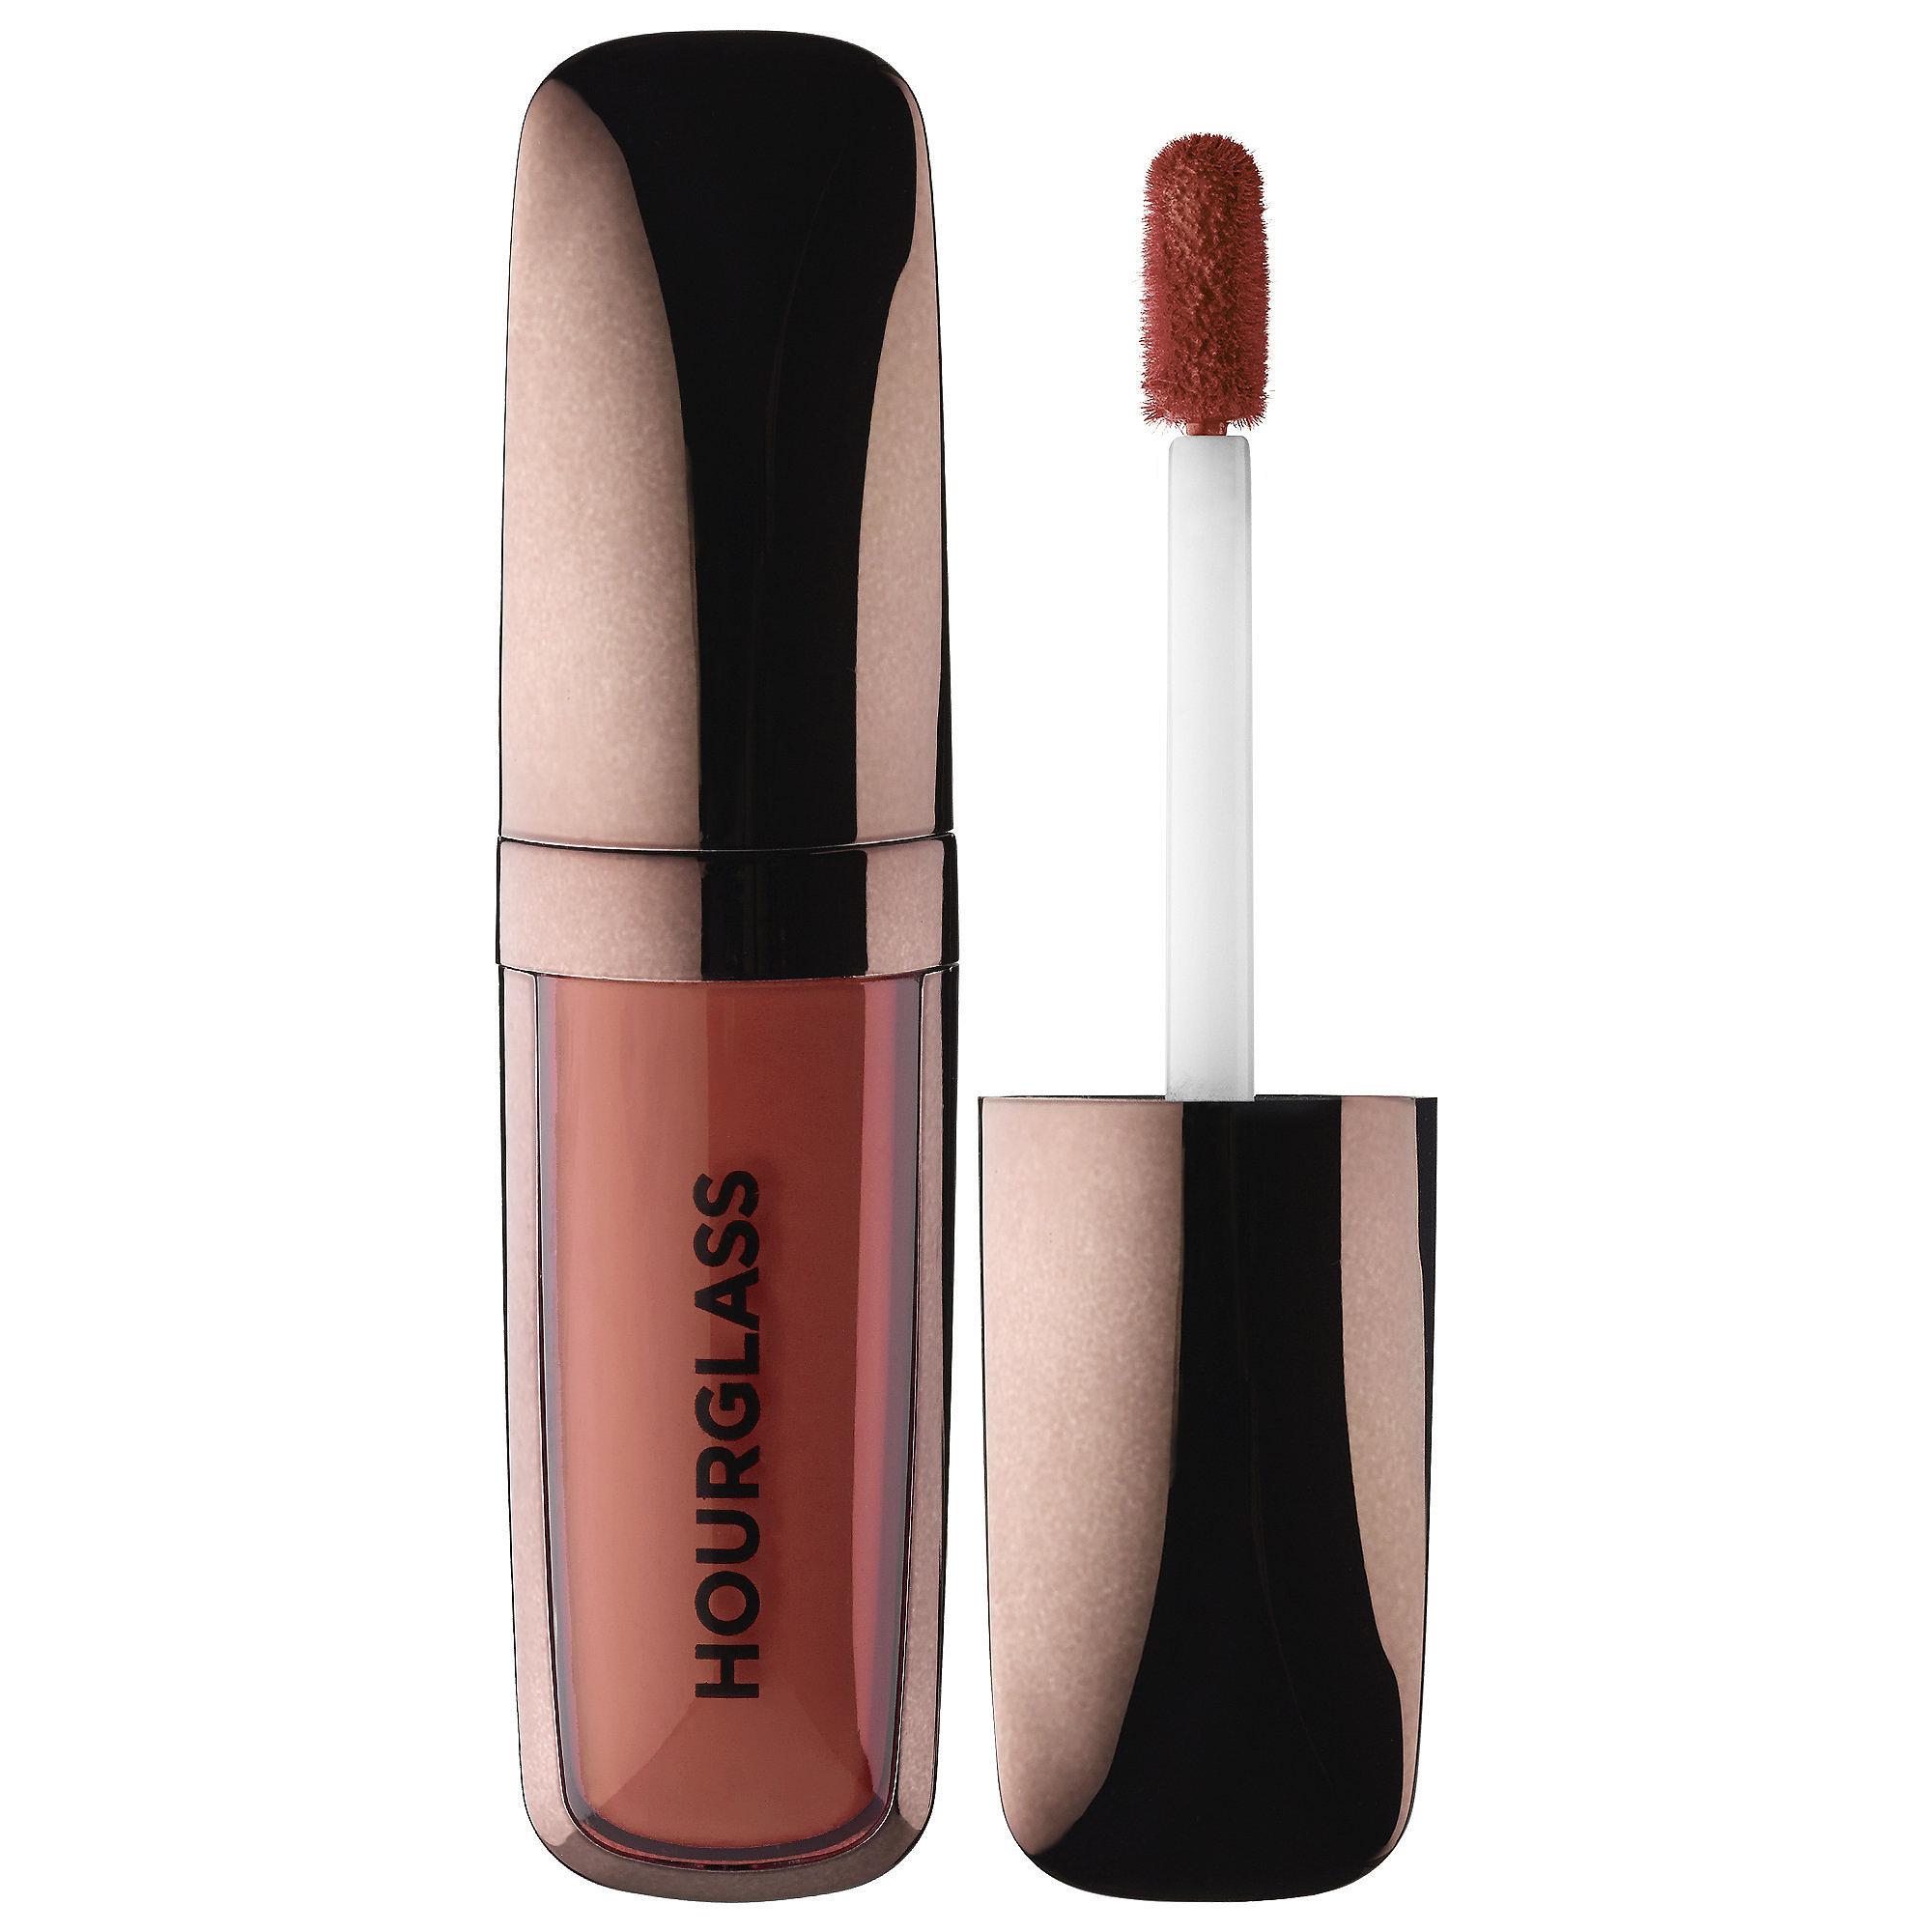 Hourglass Opaque Rouge Liquid Lipstick in Rose ($28)